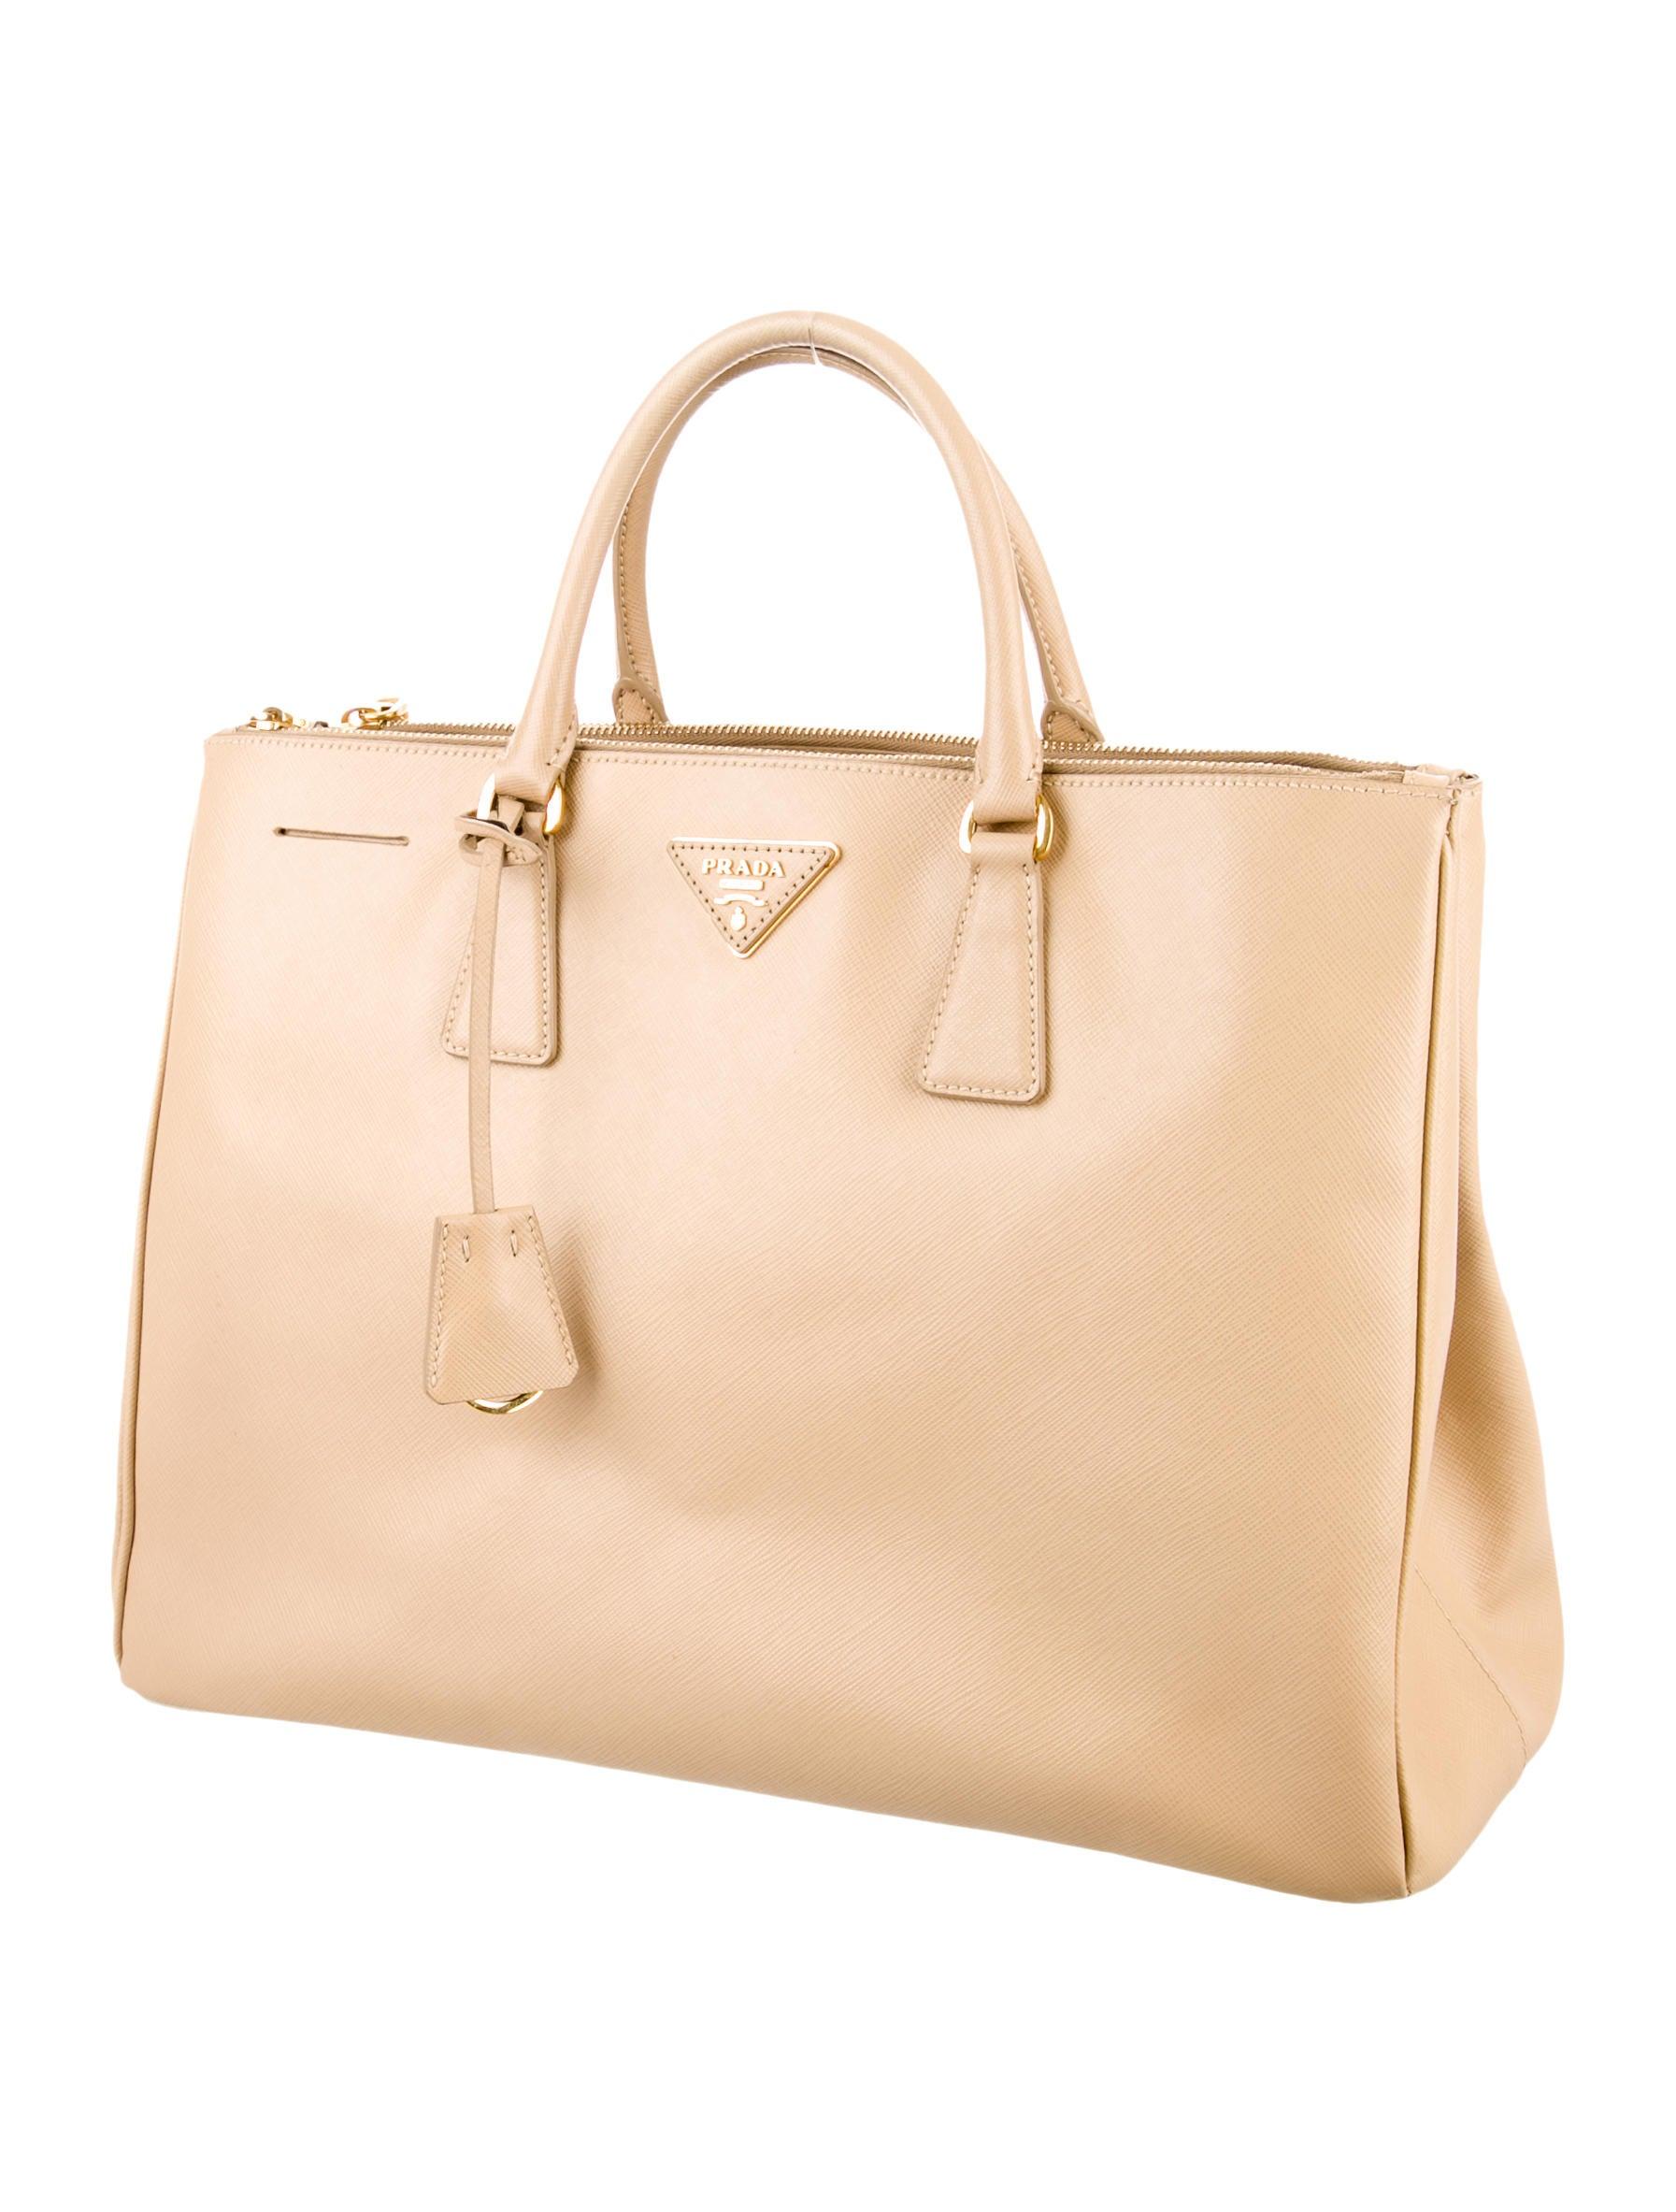 is my prada bag authentic - Prada Medium Saffiano Lux Double-Zip Tote - Handbags - PRA81116 ...